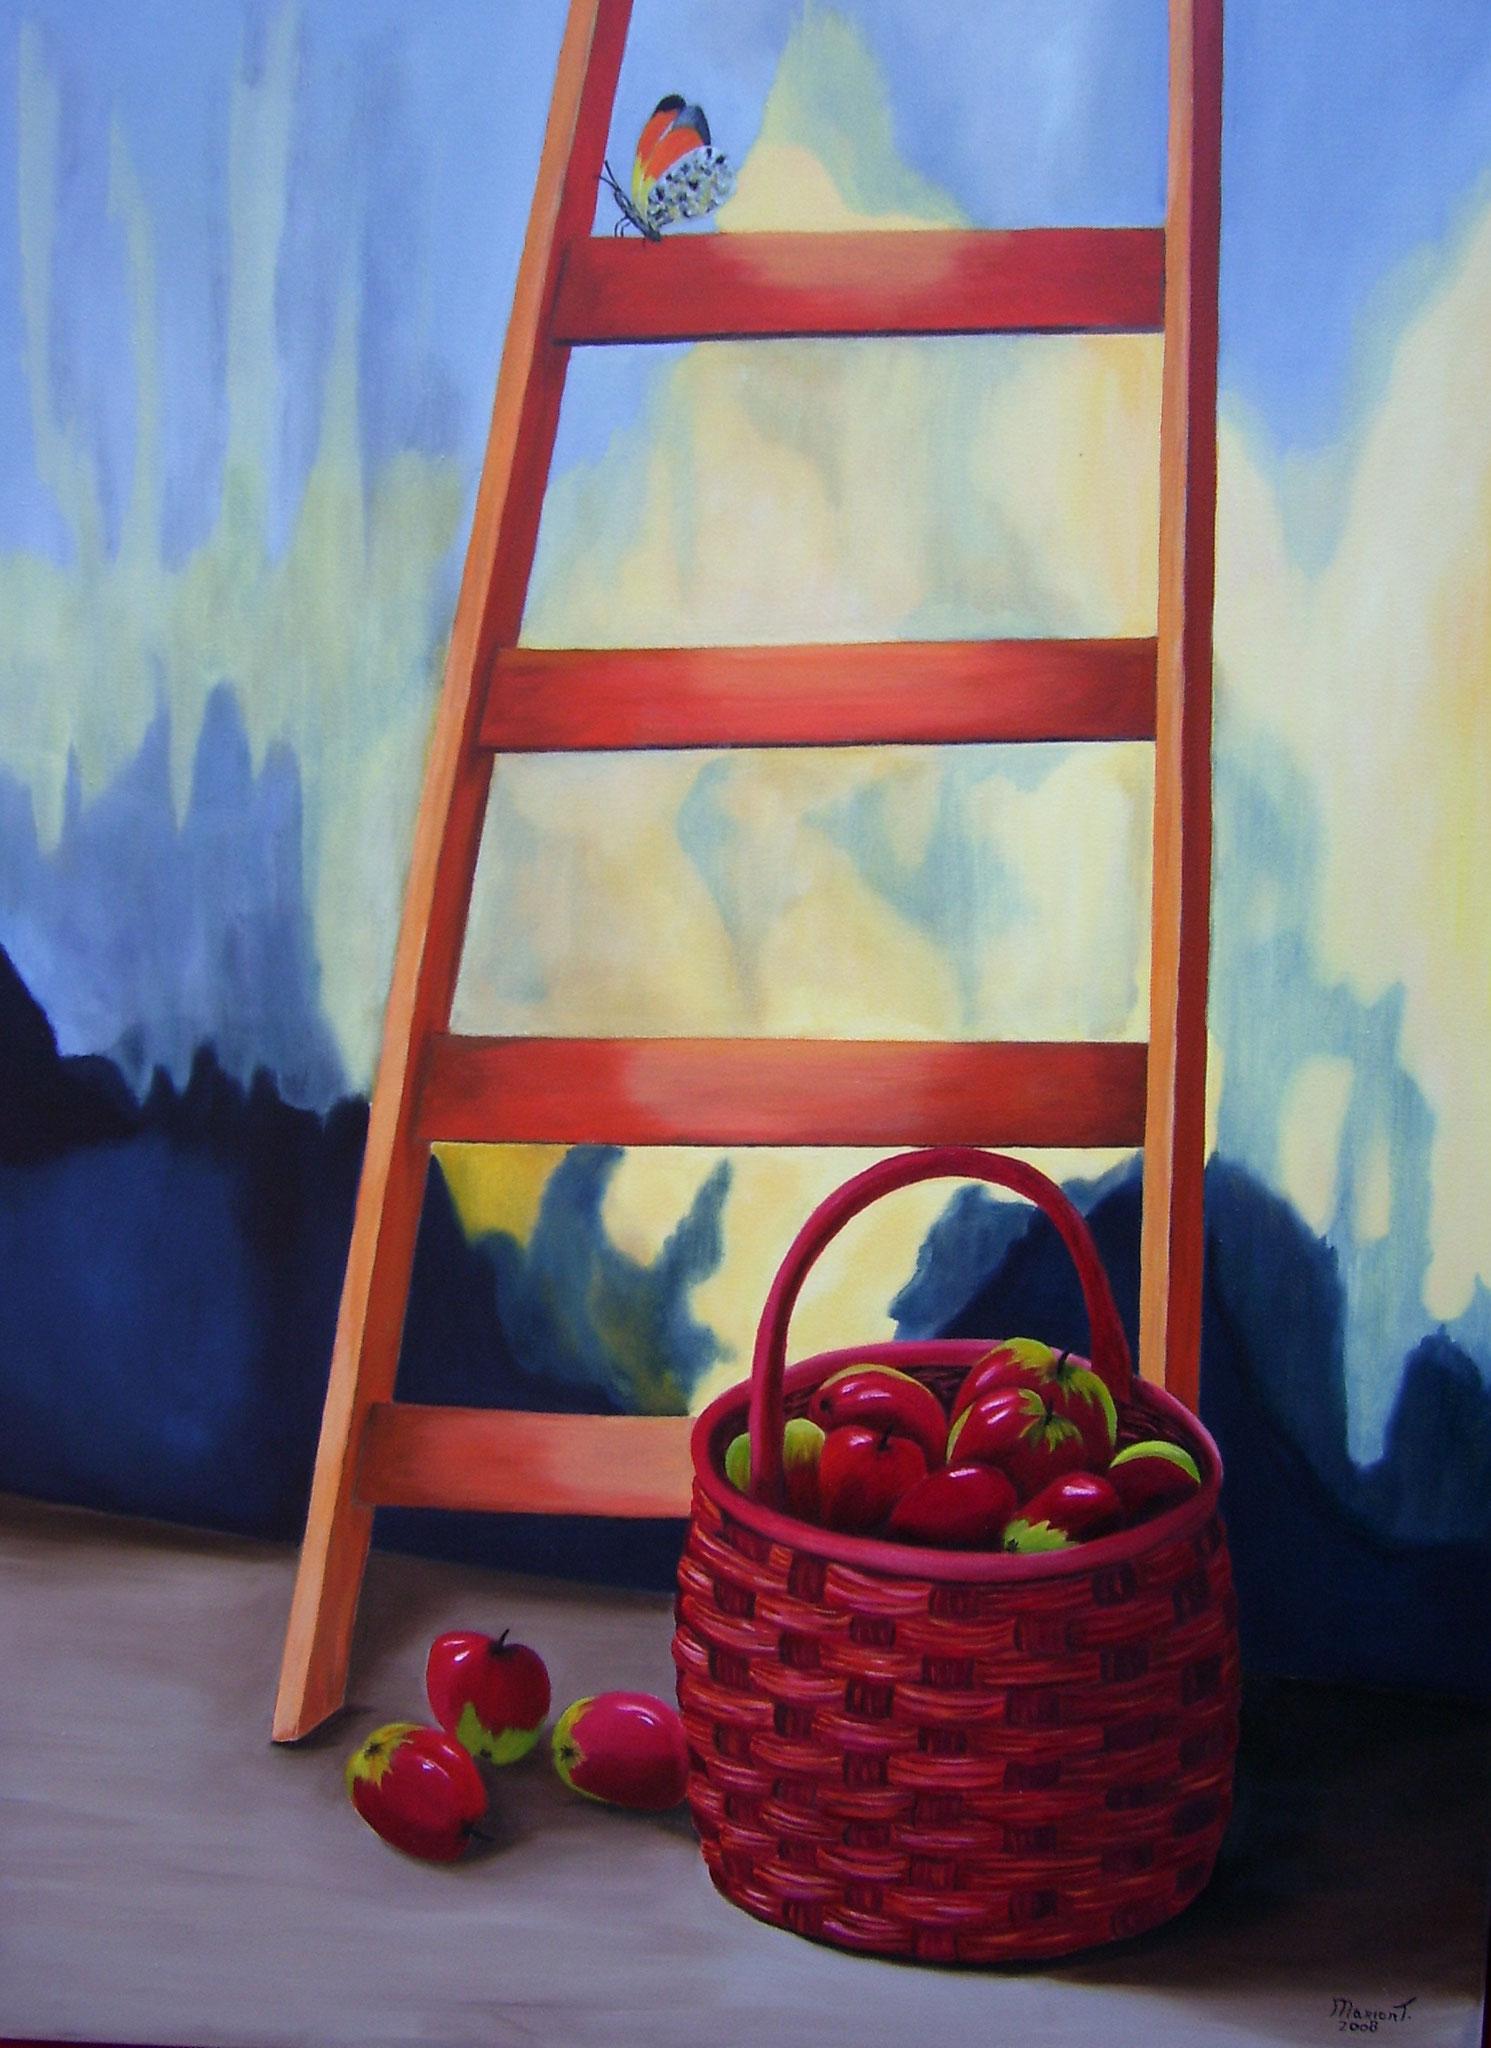 Appels bij ladder 80 x 60 br